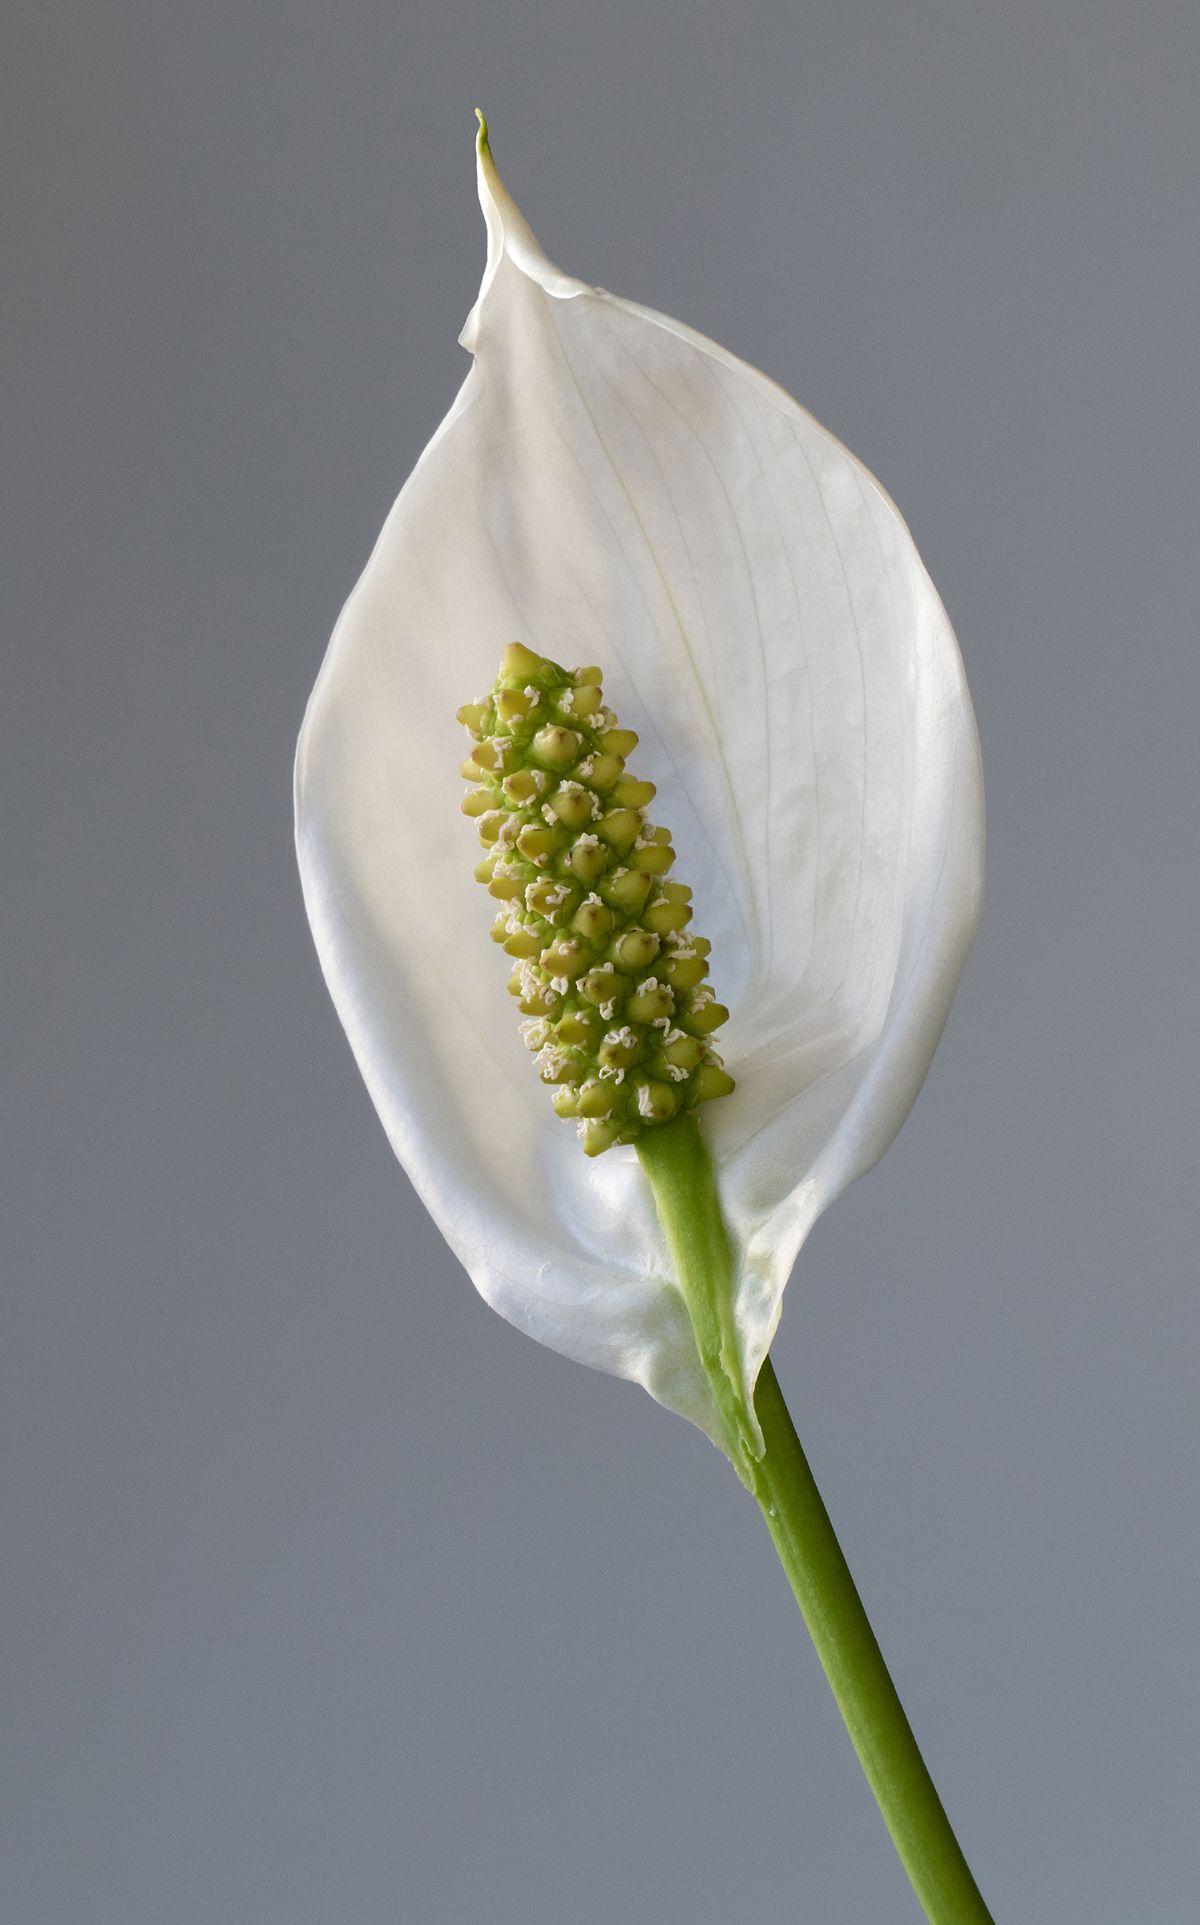 Spathiphyllum wallisii wikipedia izmirmasajfo